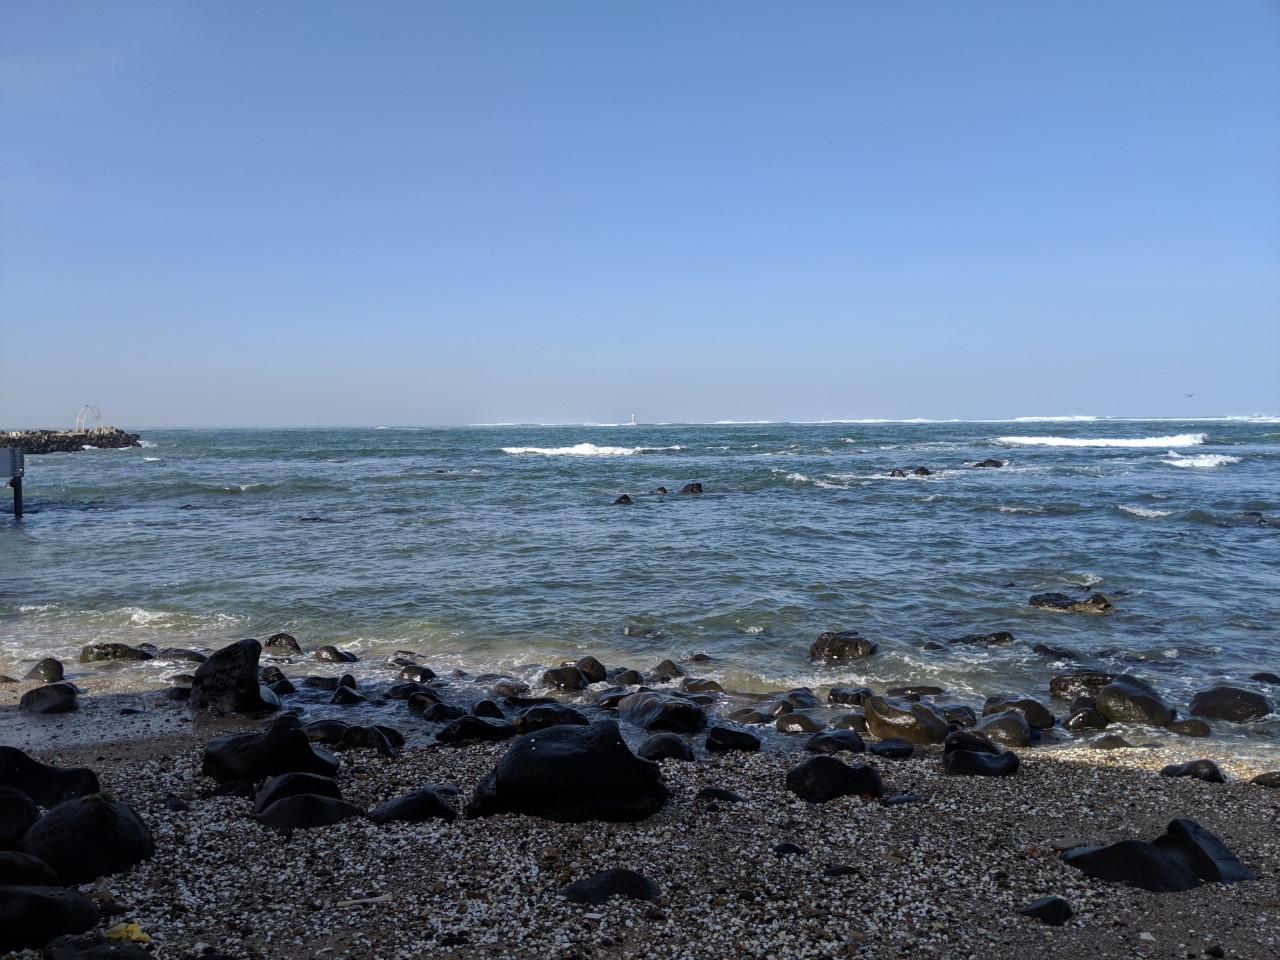 senegal1 - Follow Me On My Trip To Senegal